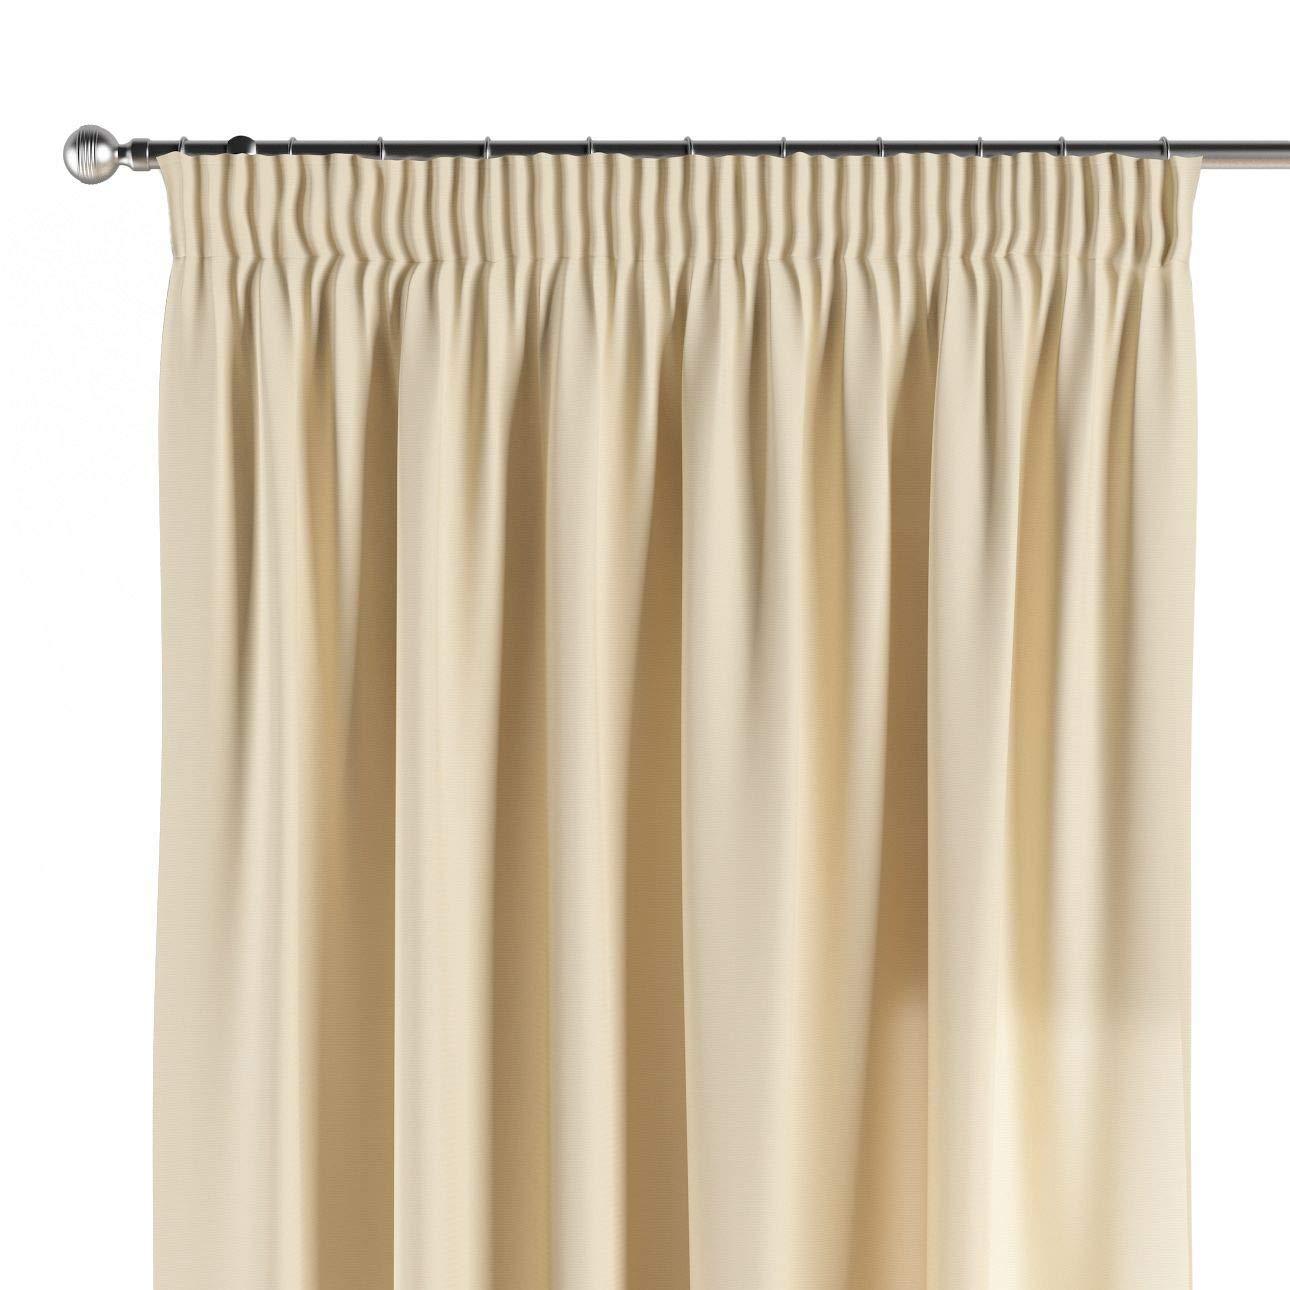 Dekoria Vorhang mit Kräuselband Dekoschal Blickdicht 1 Stck. 130 × 260 cm Creme Maßanfertigung möglich